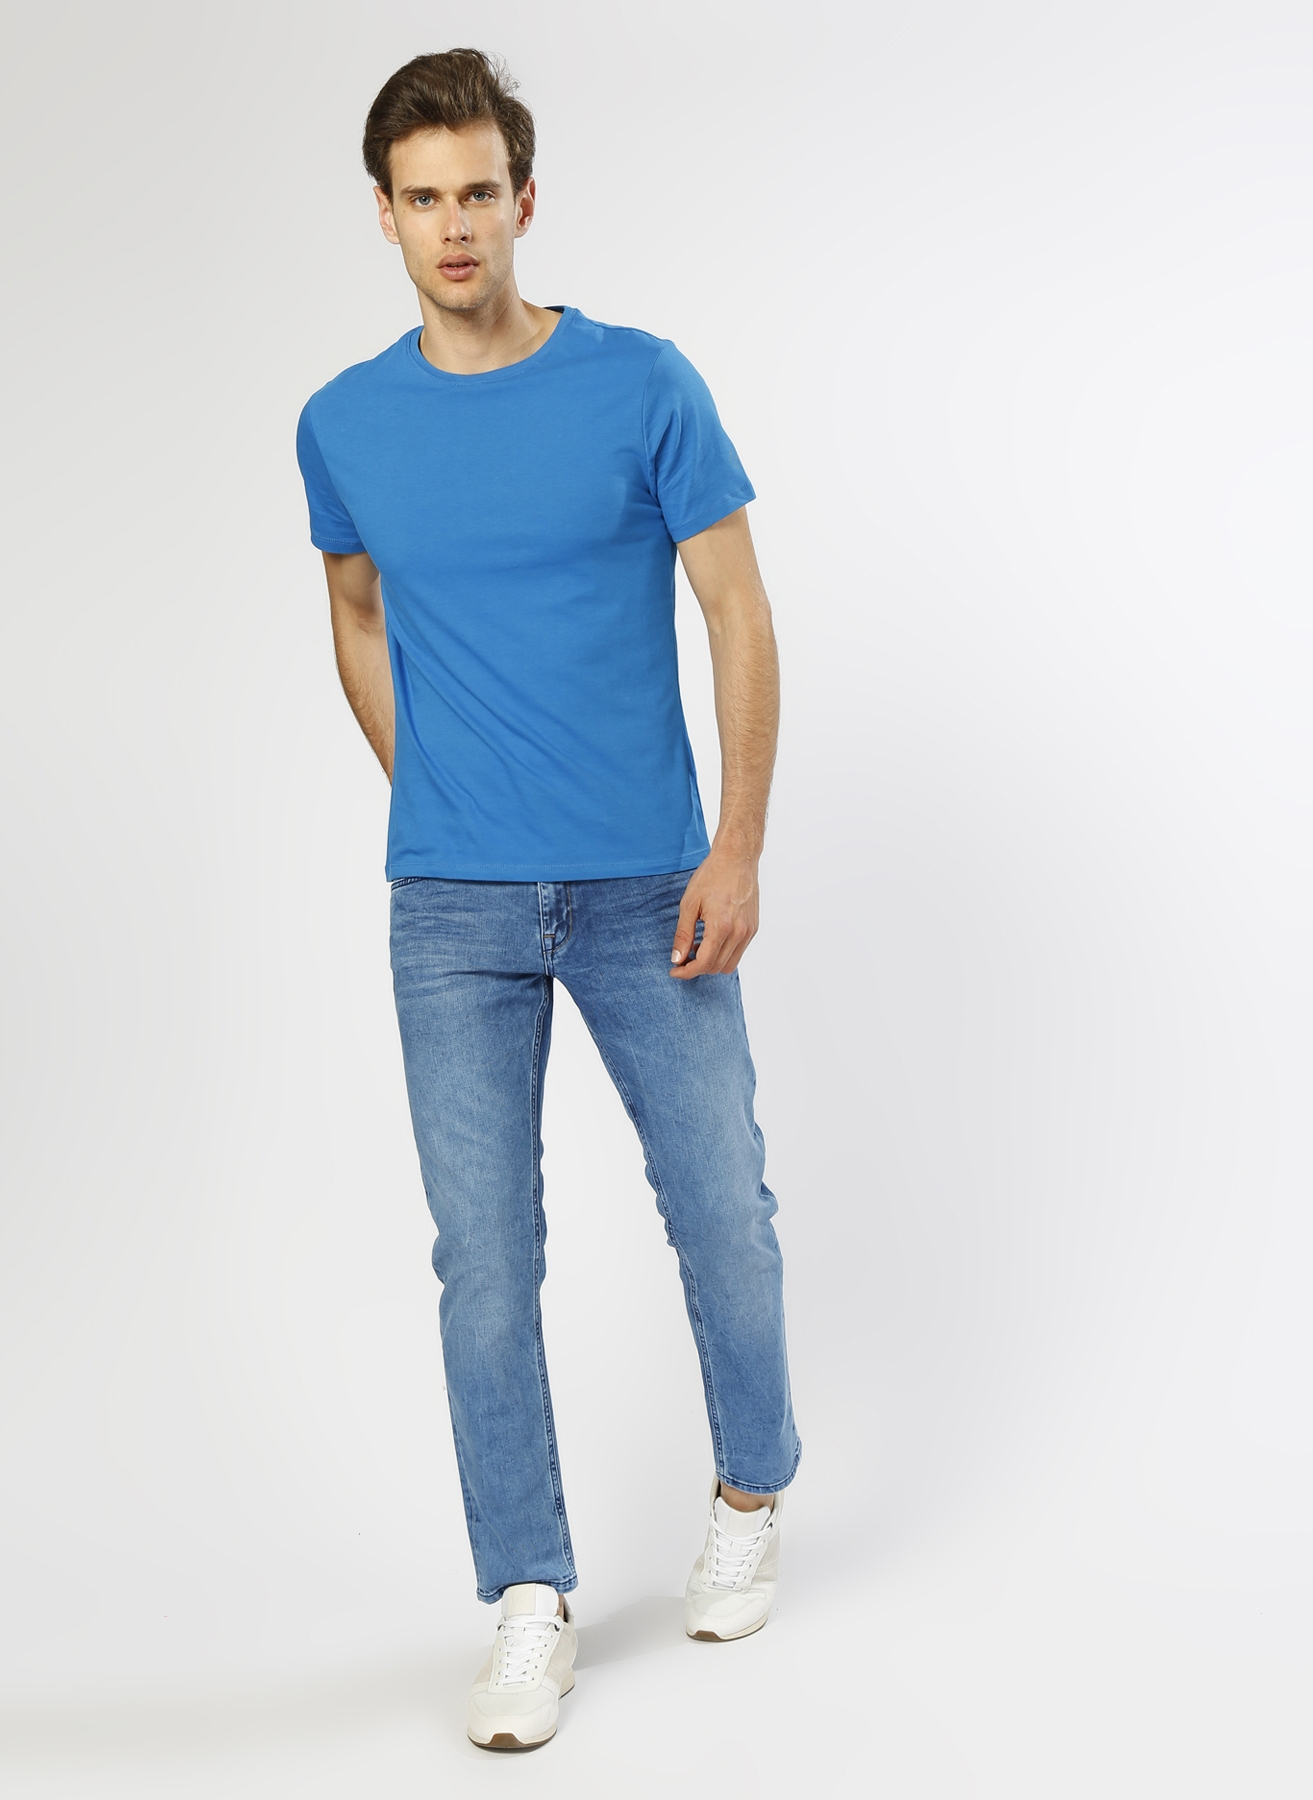 Loft Ağartılmış İndigo Klasik Pantolon 31-32 5000202278005 Ürün Resmi